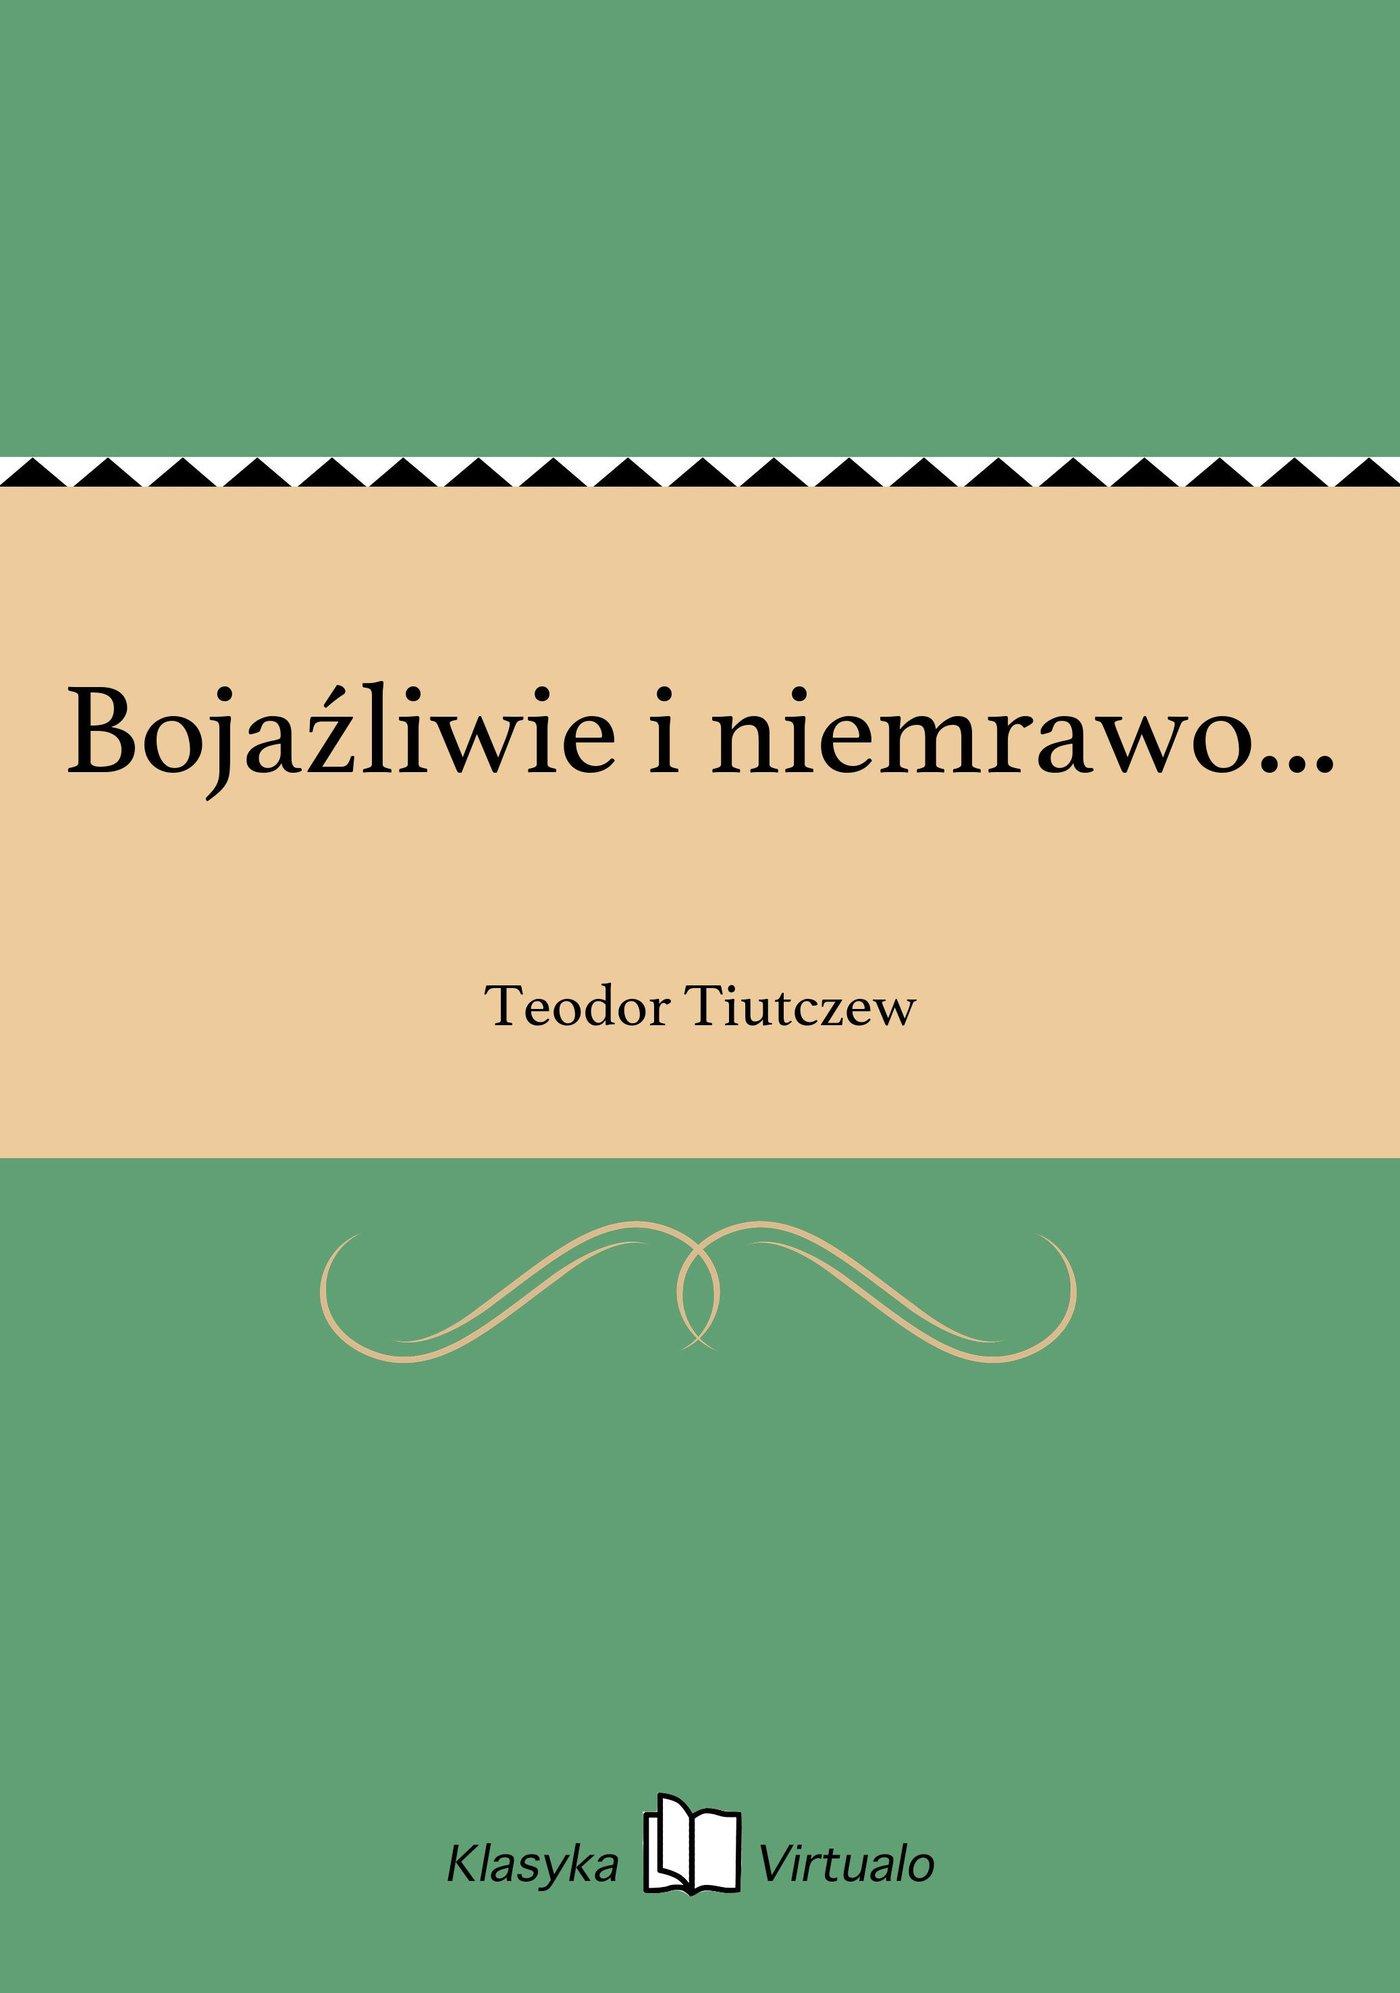 Bojaźliwie i niemrawo... - Ebook (Książka na Kindle) do pobrania w formacie MOBI